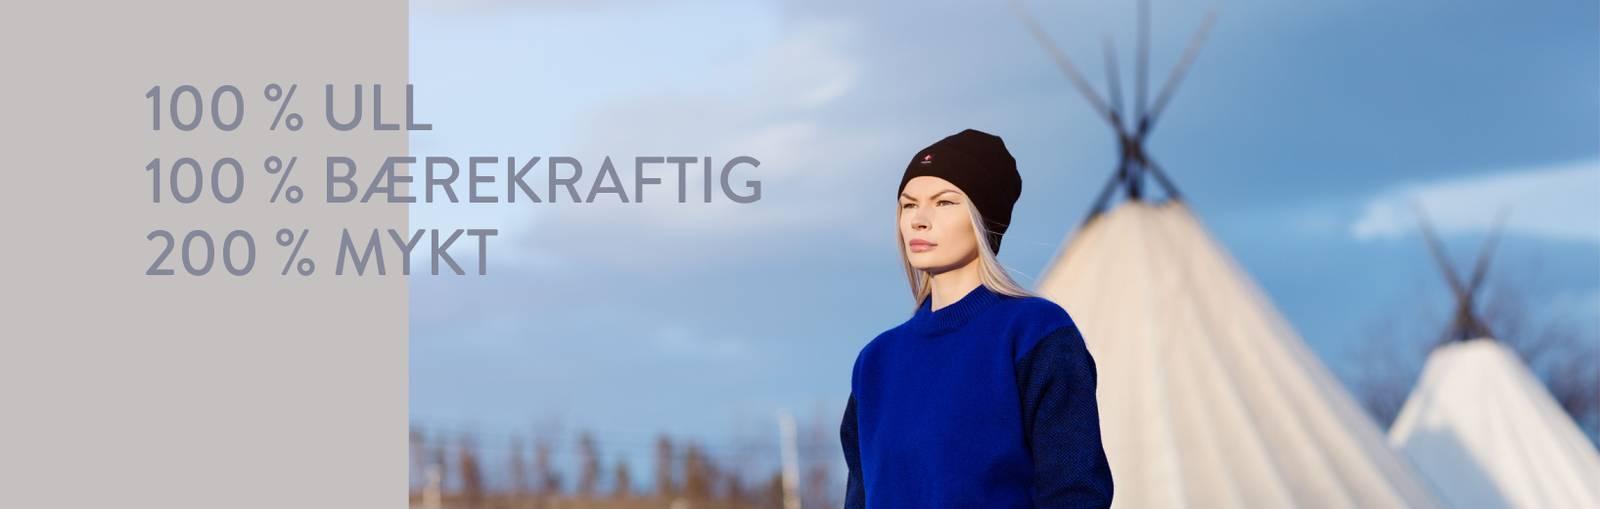 samisk design ullklær merinoull ull strikka norksprodusert